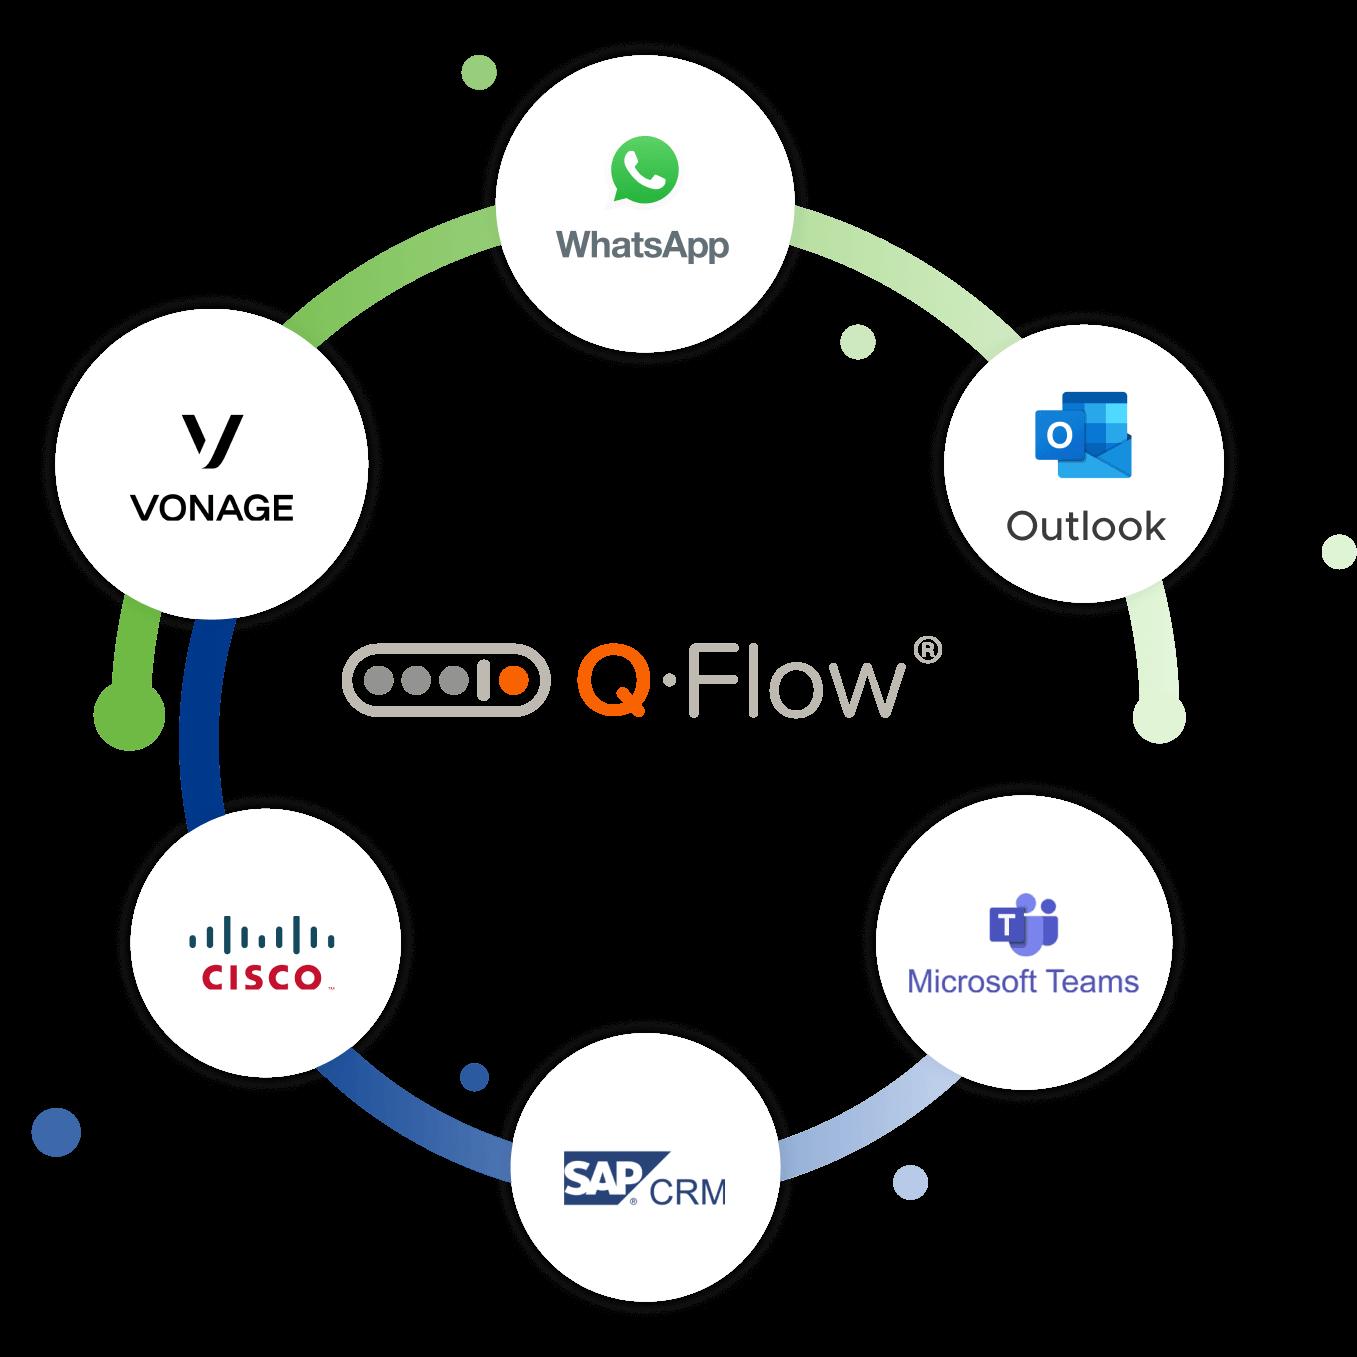 Flujo de integracions de Q-Flow con otras aplicaciones, Microsoft Teams, Whatsapp, Outlook, Cisco, SAP CRM, Vonage